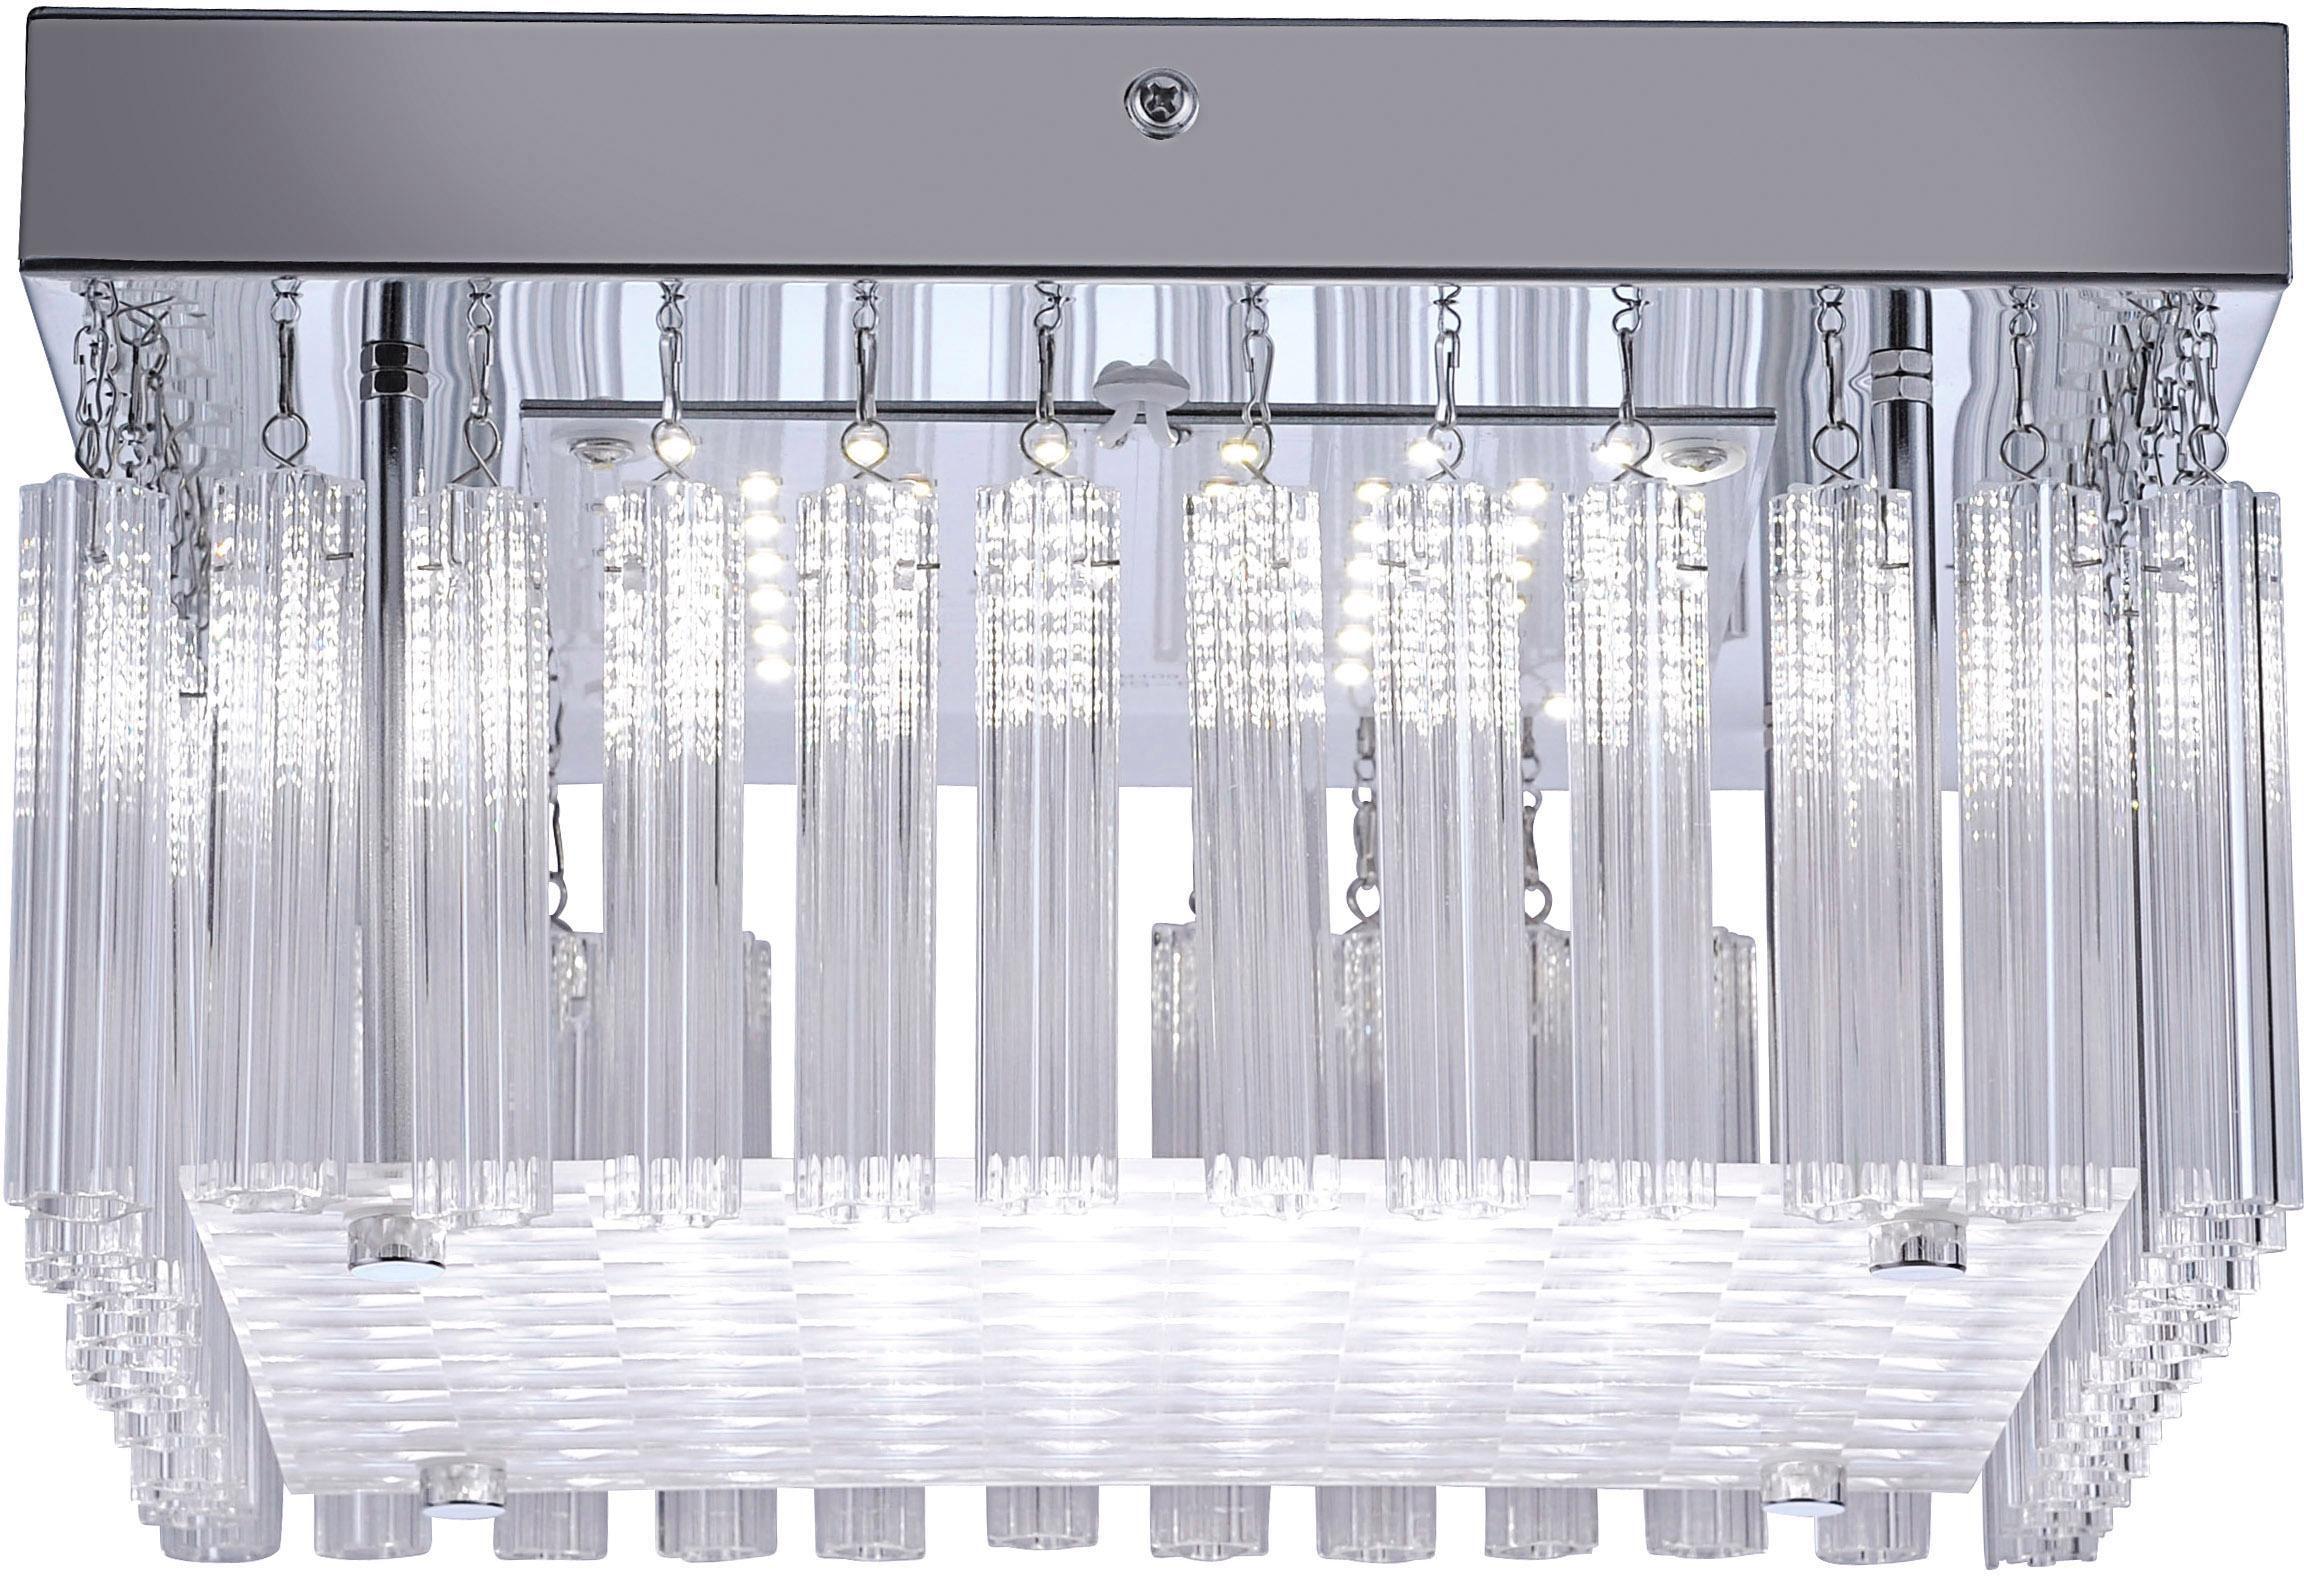 Details zu Leuchten Direkt,LED Deckenleuchte LEA Lampen LED Deckenleuchten